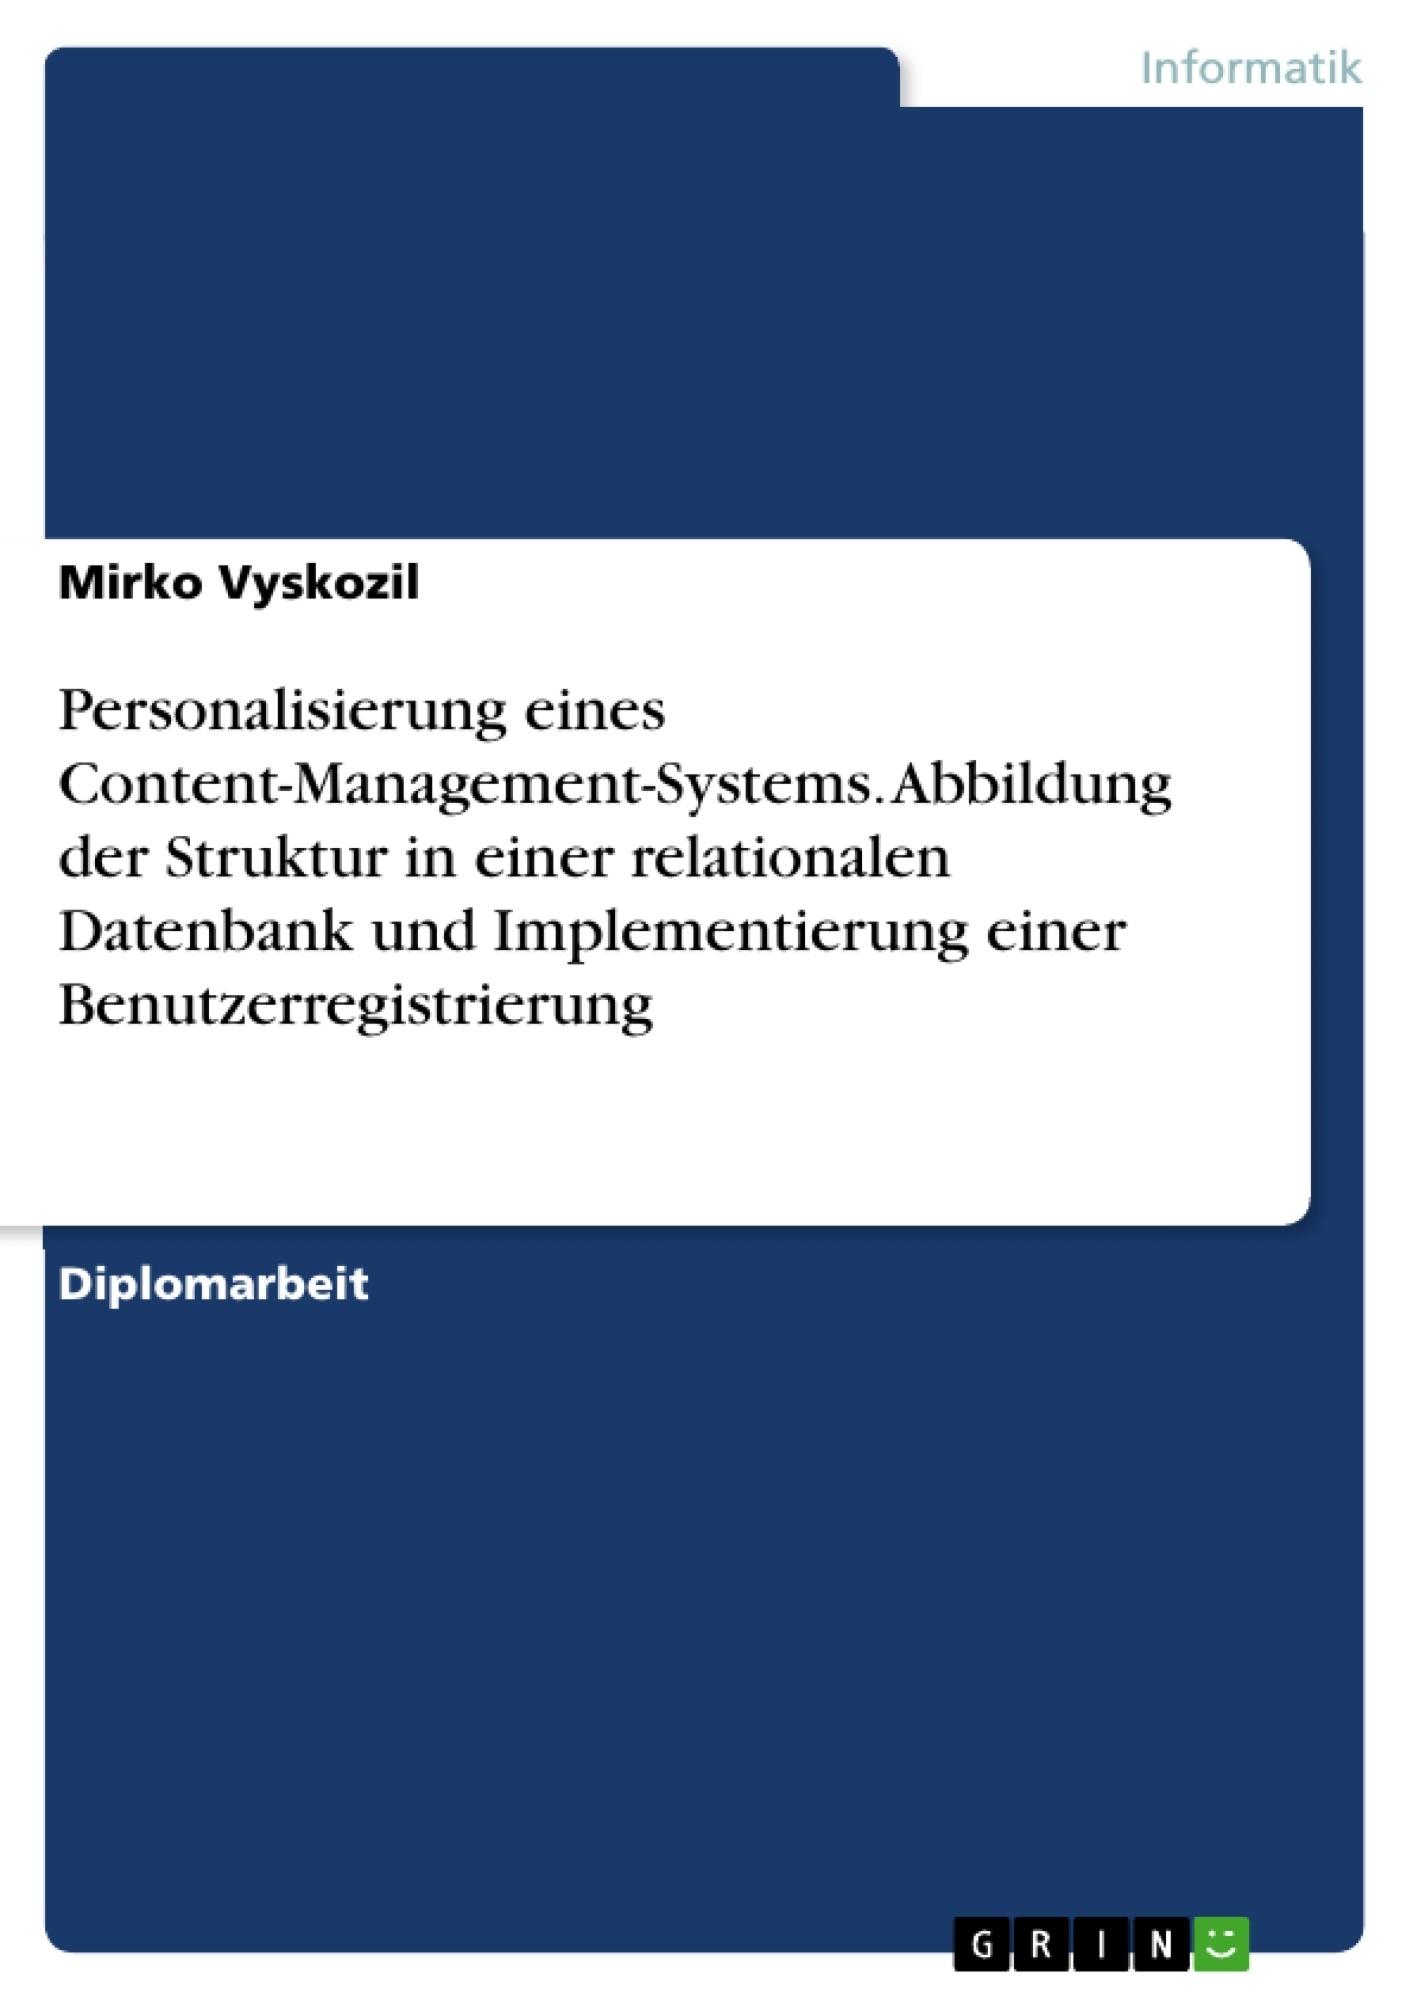 Titel: Personalisierung eines Content-Management-Systems. Abbildung der Struktur in einer relationalen Datenbank und Implementierung einer Benutzerregistrierung